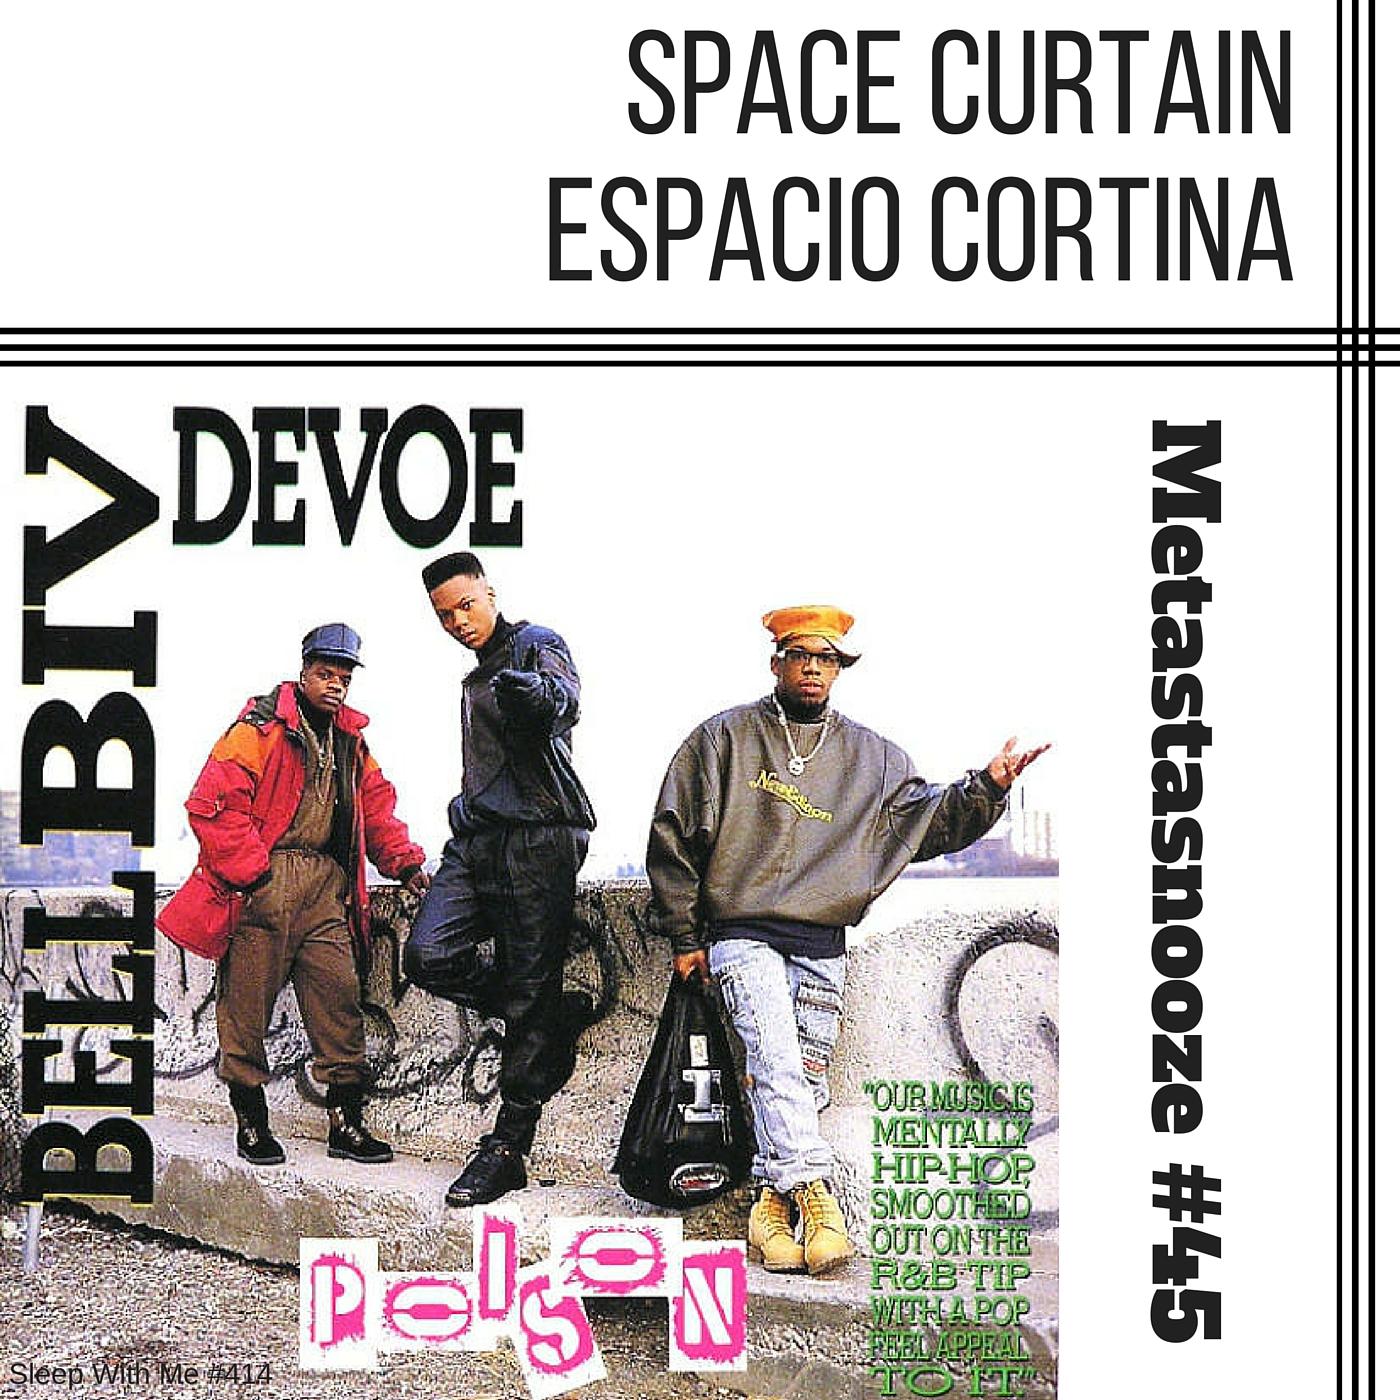 Space Curtain- Espacio Cortina | Metastasnooze #45 | Sleep With Me #415